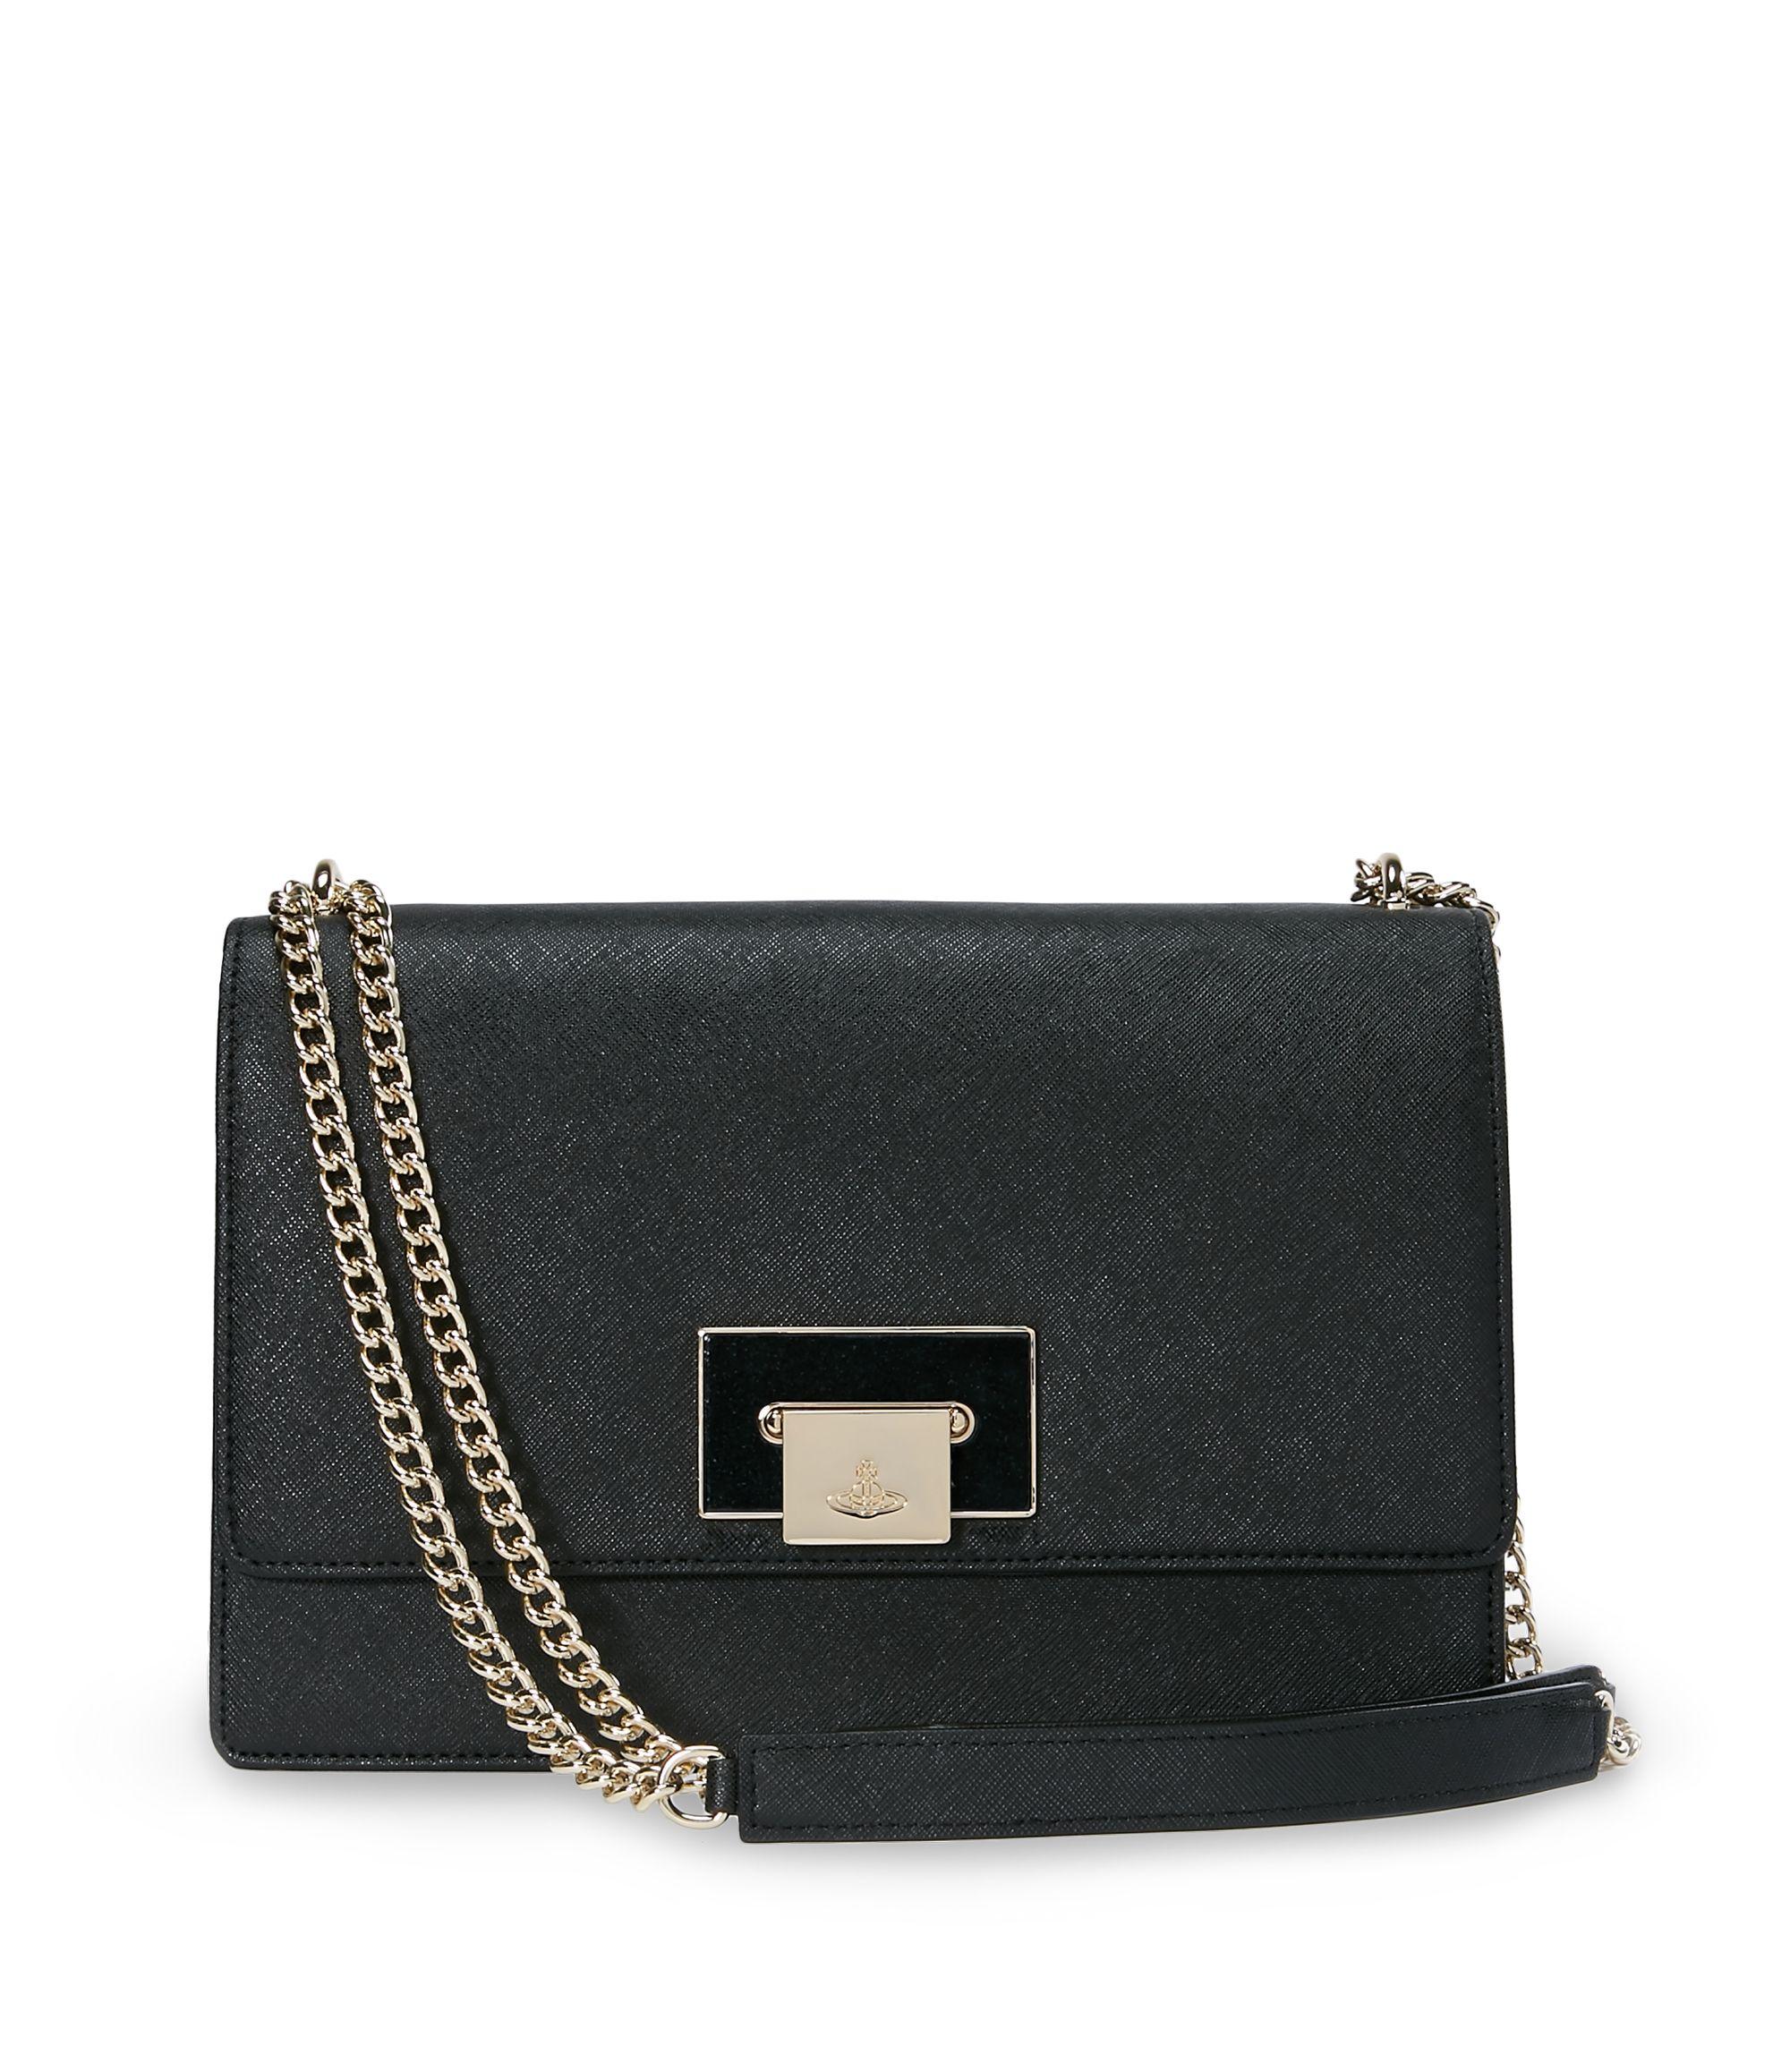 0a1881a941 VIVIENNE WESTWOOD Black Opio Saffiano Bag 131021. #viviennewestwood #bags  #shoulder bags #patent #glitter #